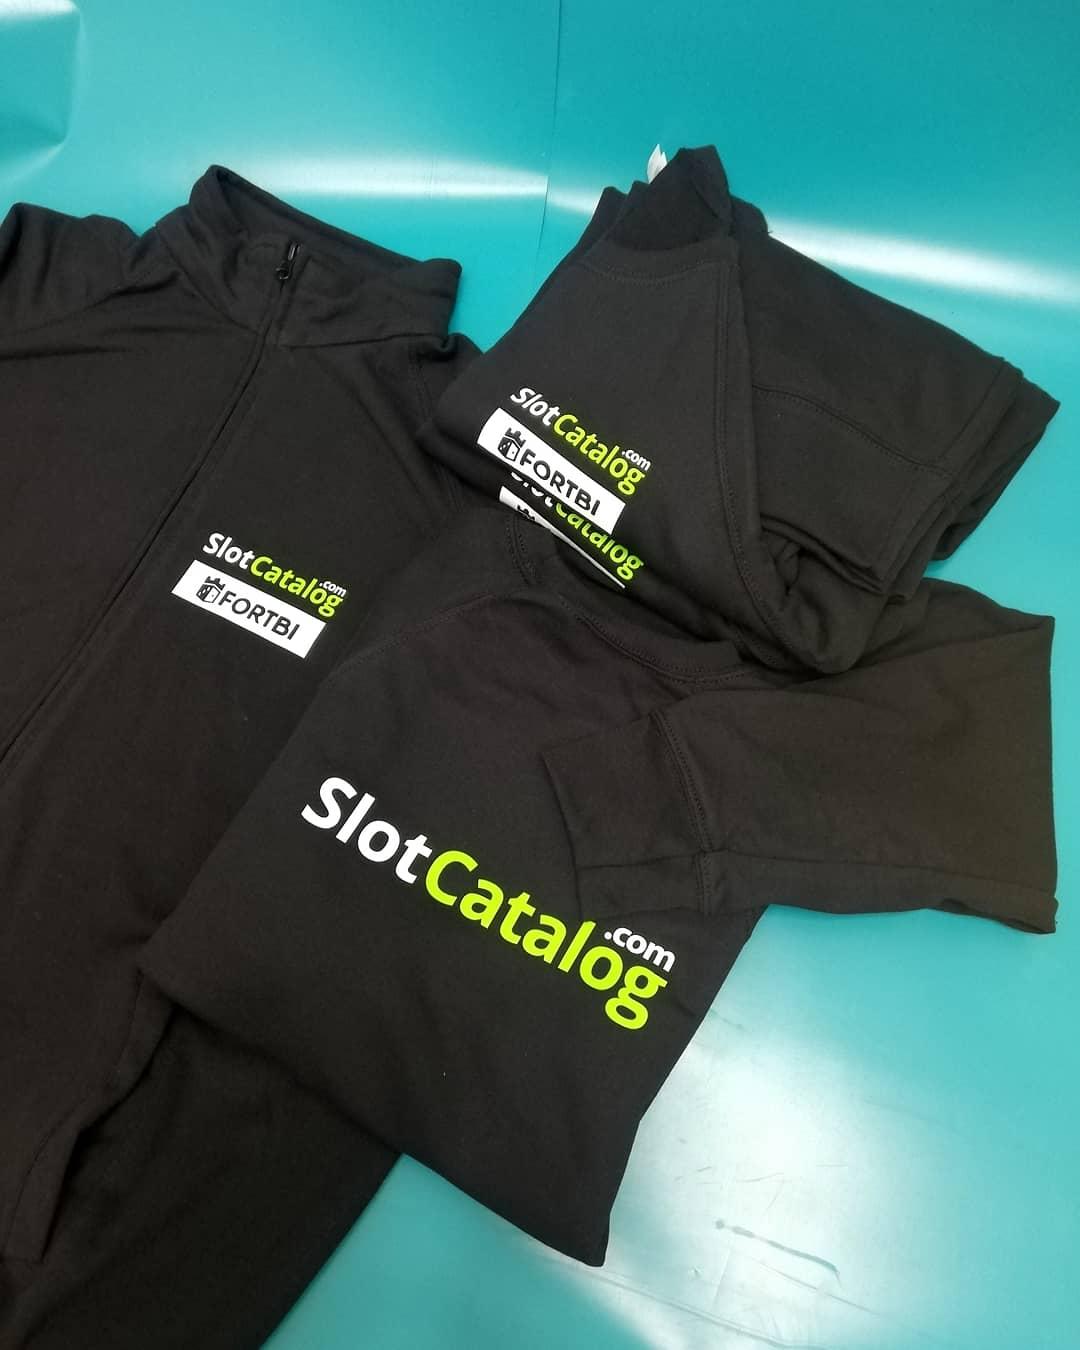 Печать на теплой одежде, Slotcatalog.com, печать на толстовках Киев, заказать печать, заказать худи